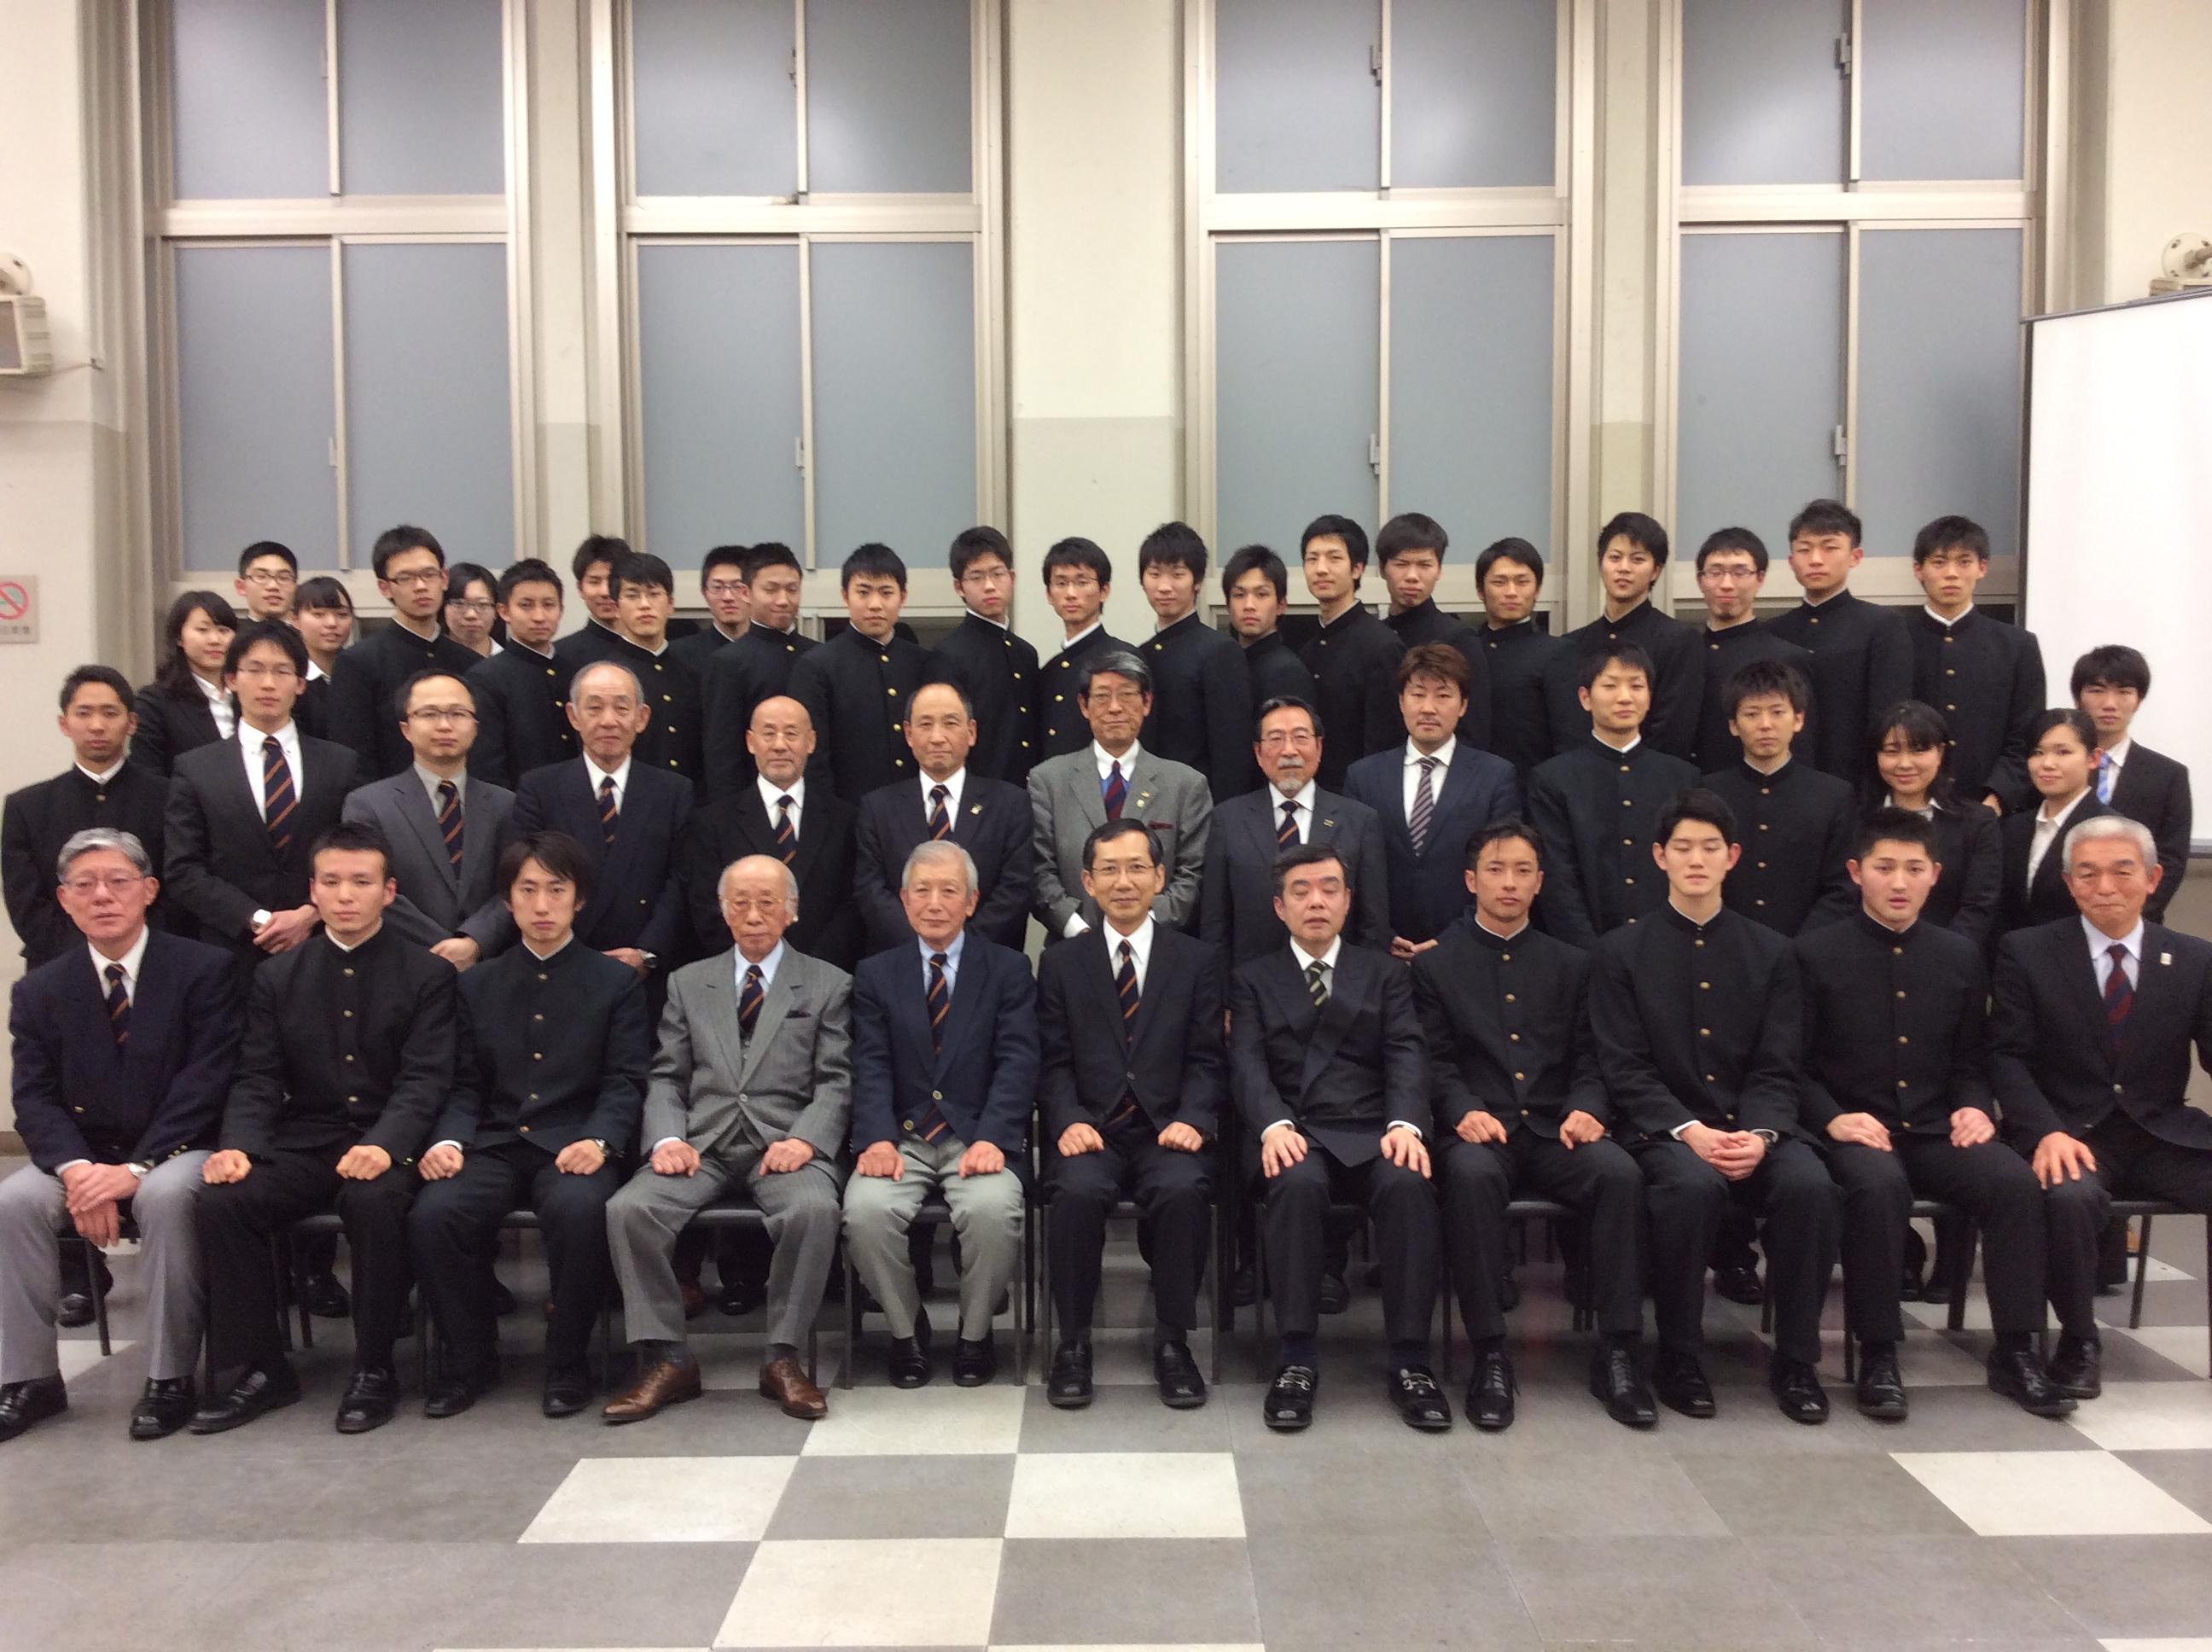 卒業生送別会@三田生協食堂_2014.3.1